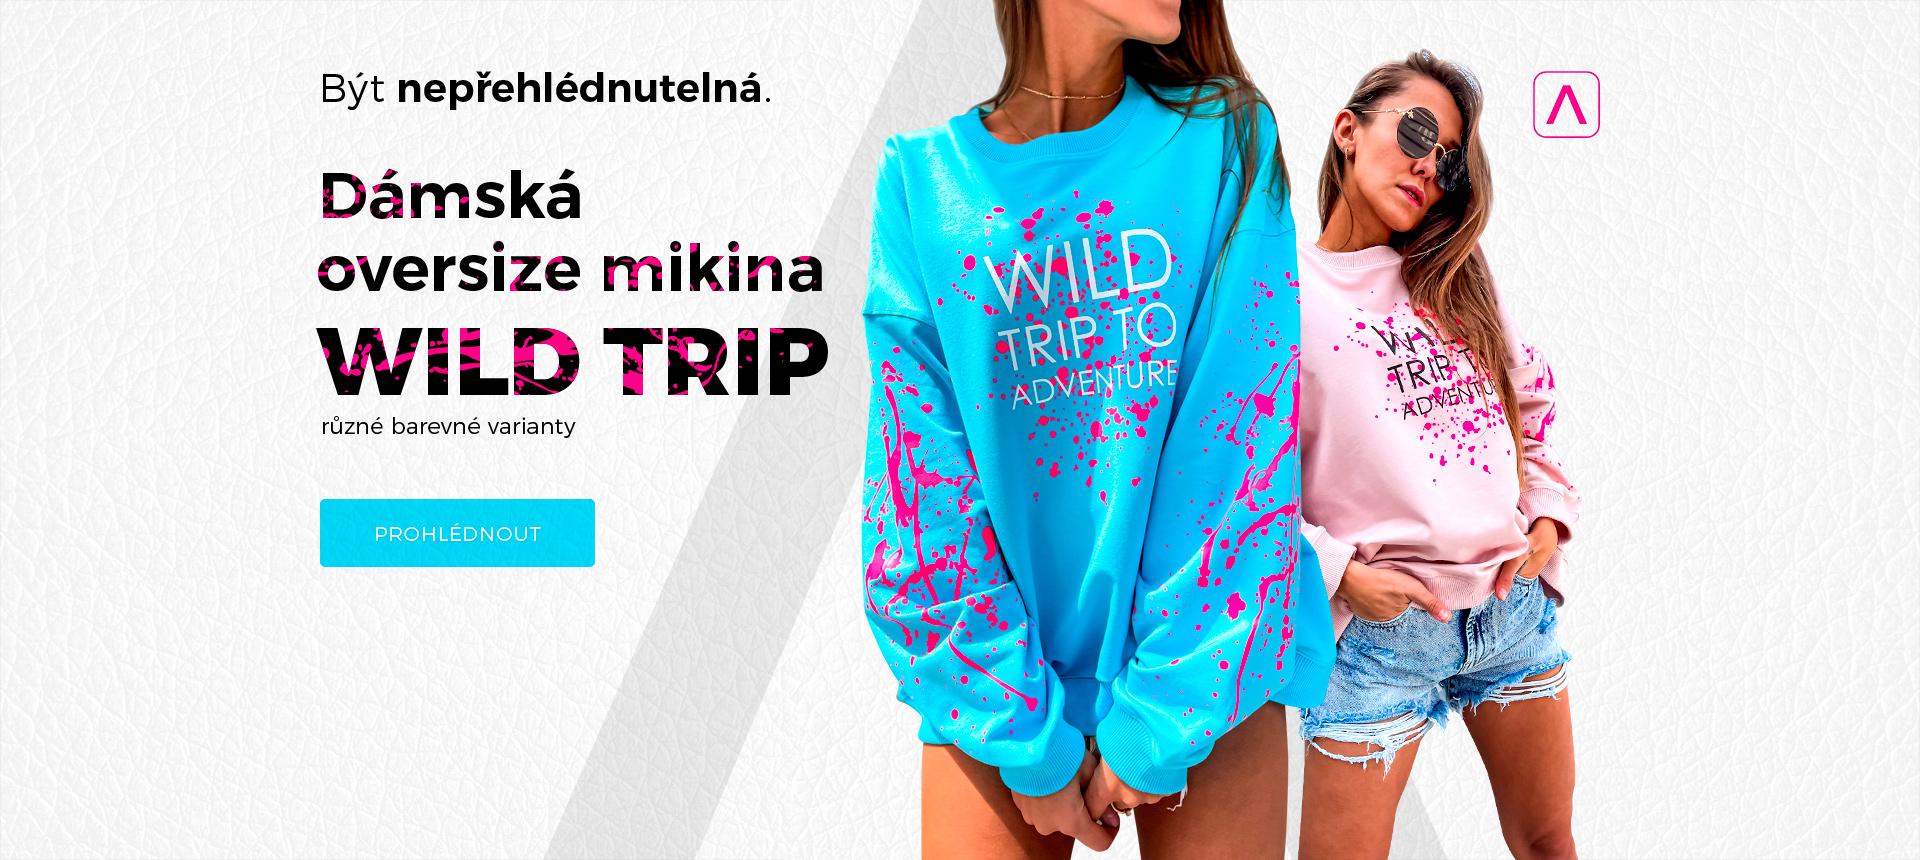 eshopat-cz-banner-hp-wild-trip